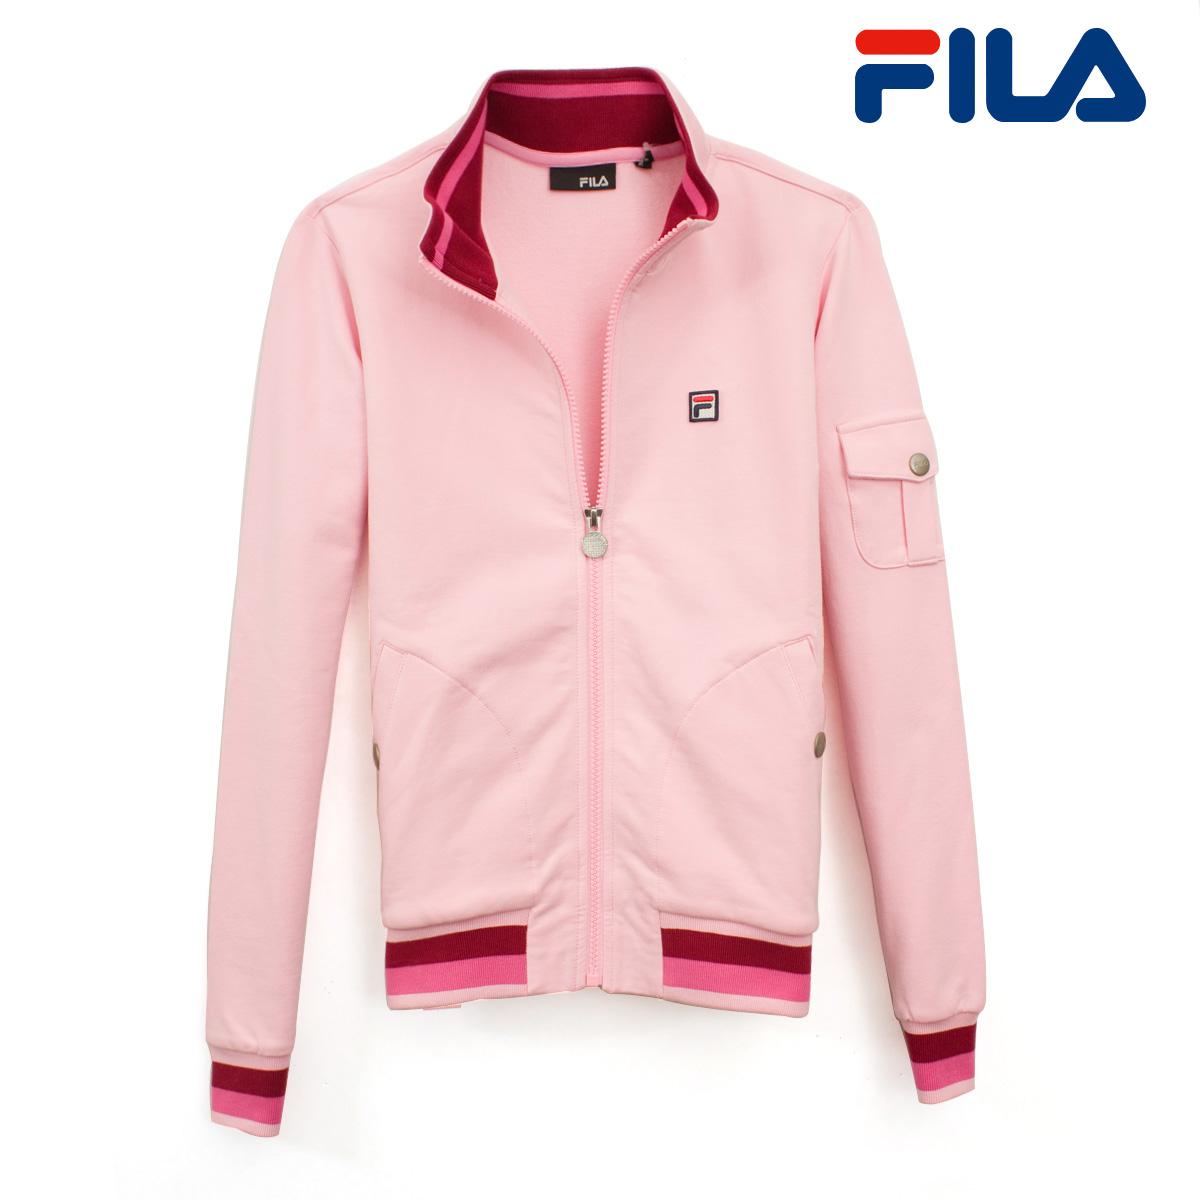 Цвет: Светло-розовый